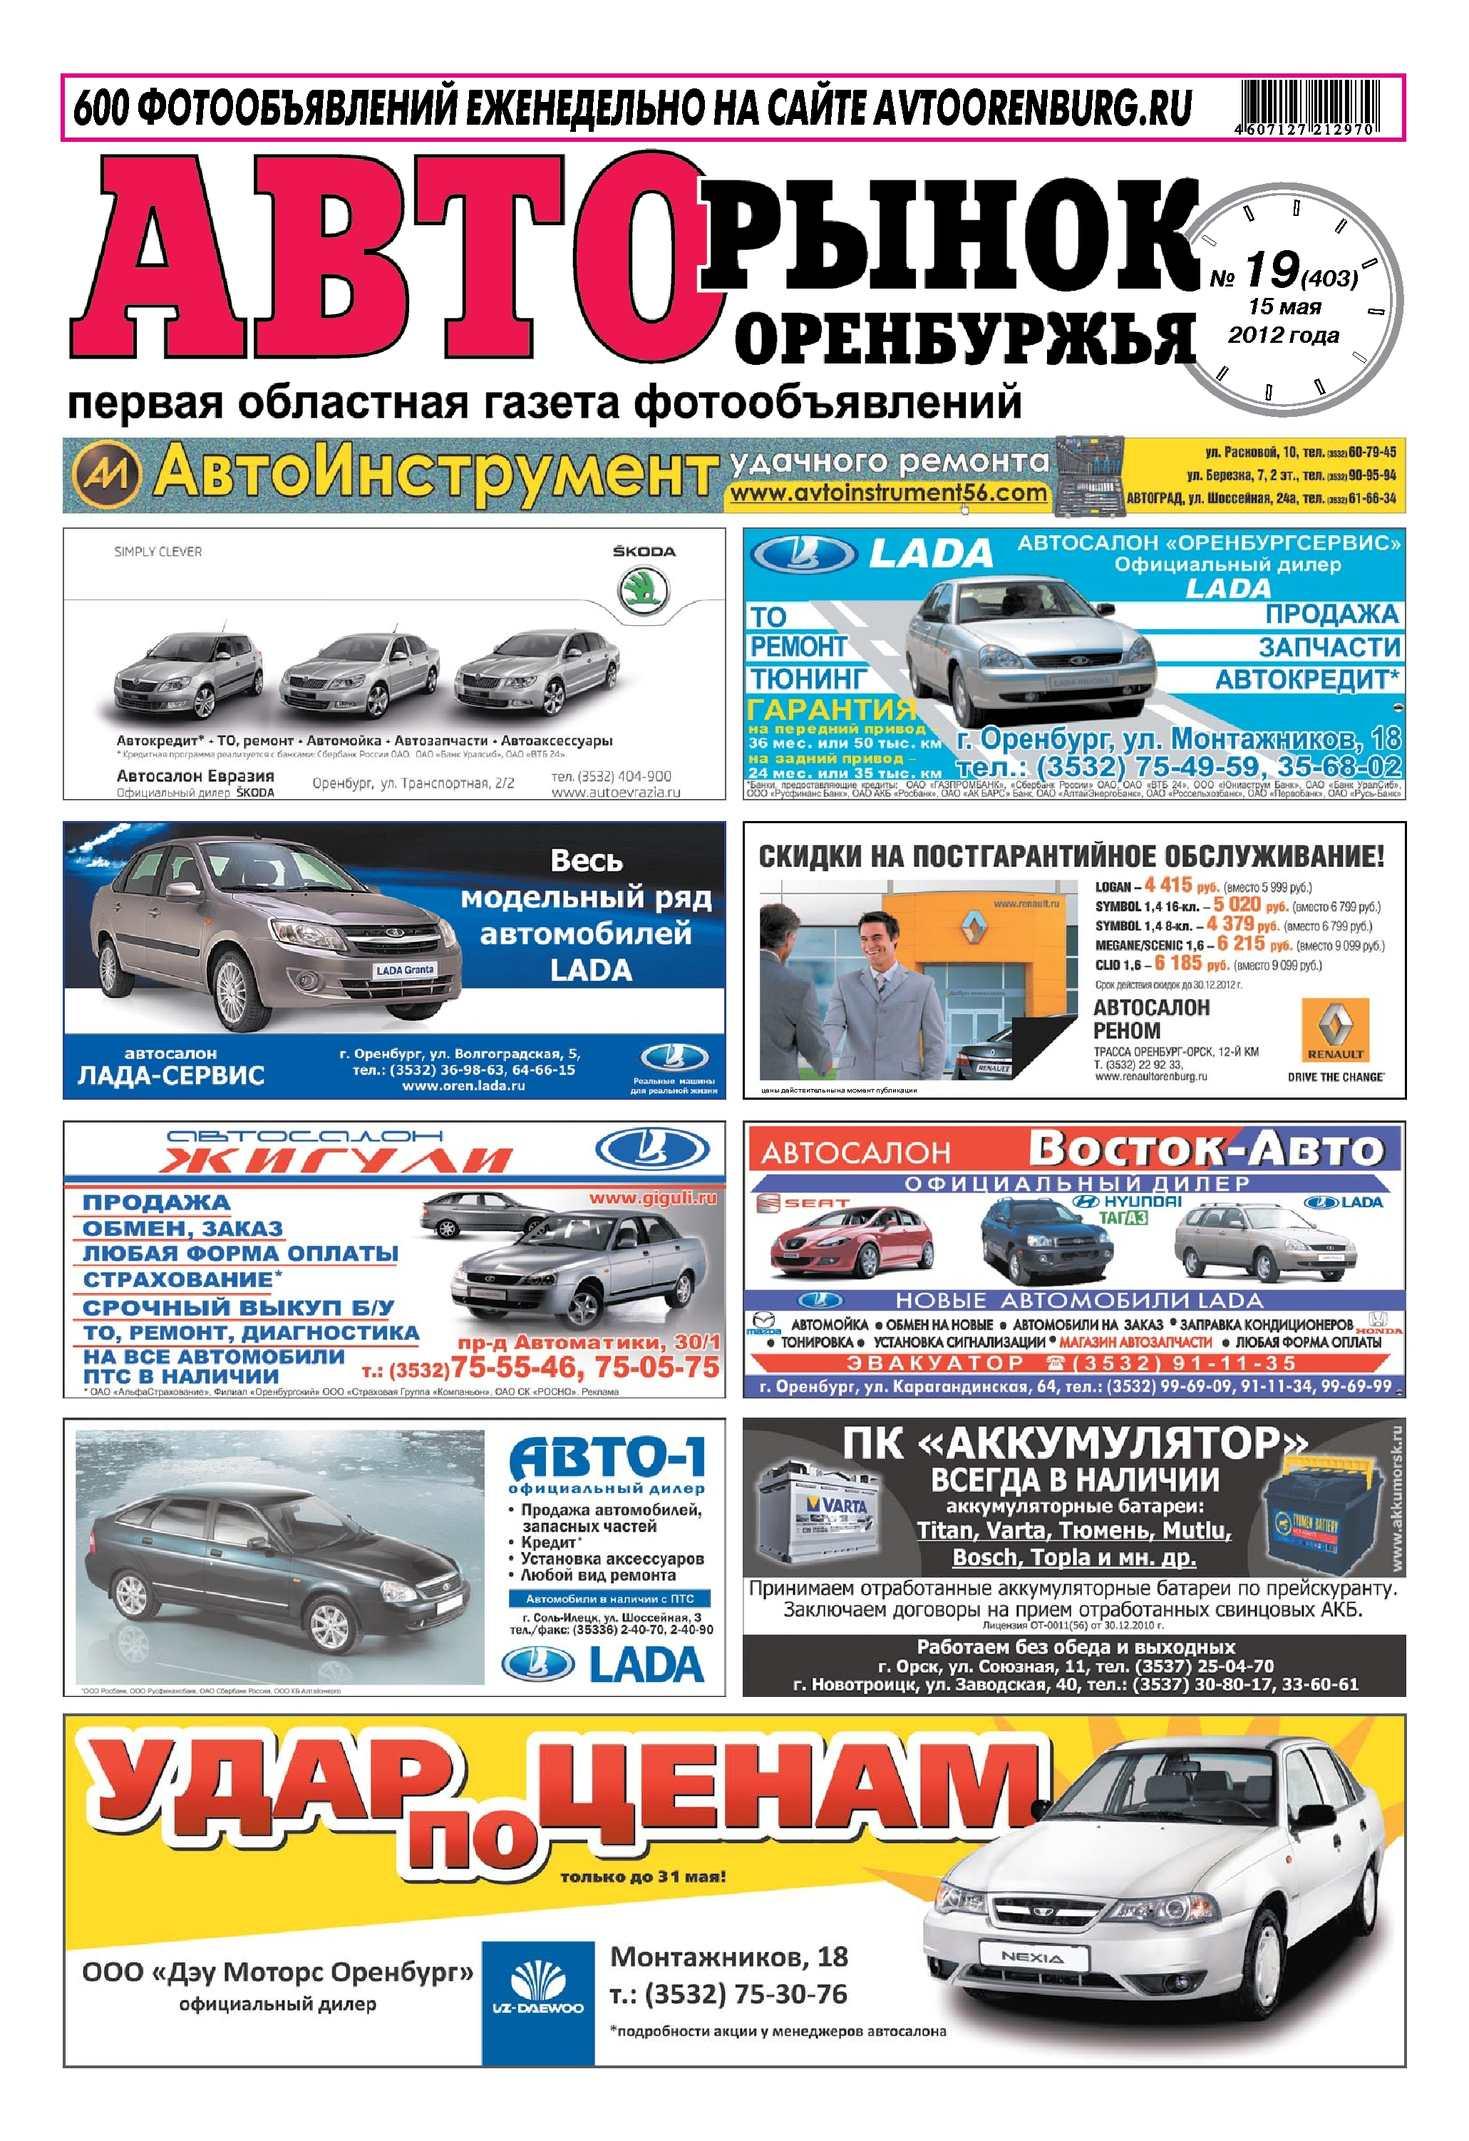 Кредиты под залог недвижимости в Москве - взять кредит под